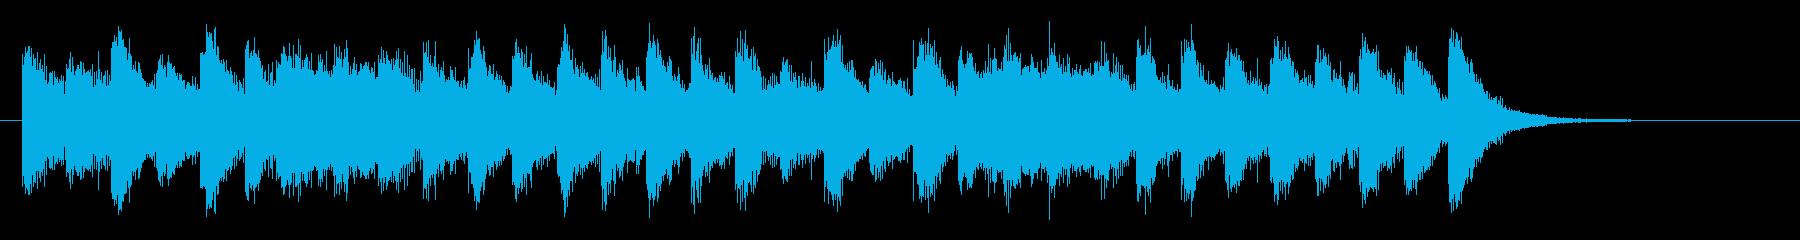 わくわく&ハッピーなポップオーケストラの再生済みの波形